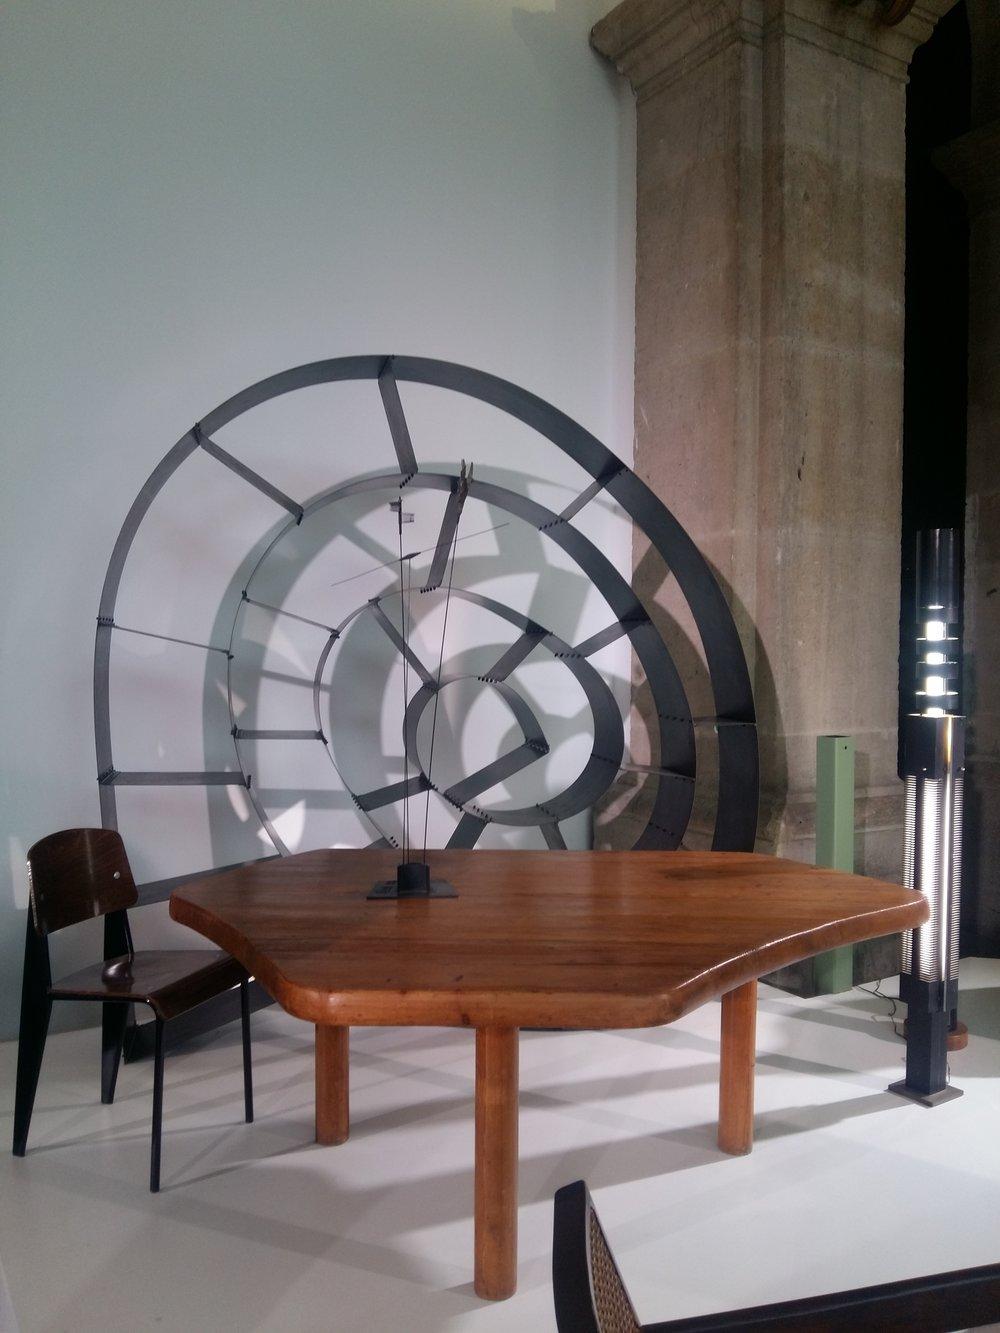 Entrée - Table Charlotte Perriand, bibliothèque Ron Arad et lampadaires Takis (Galerie Downtown)